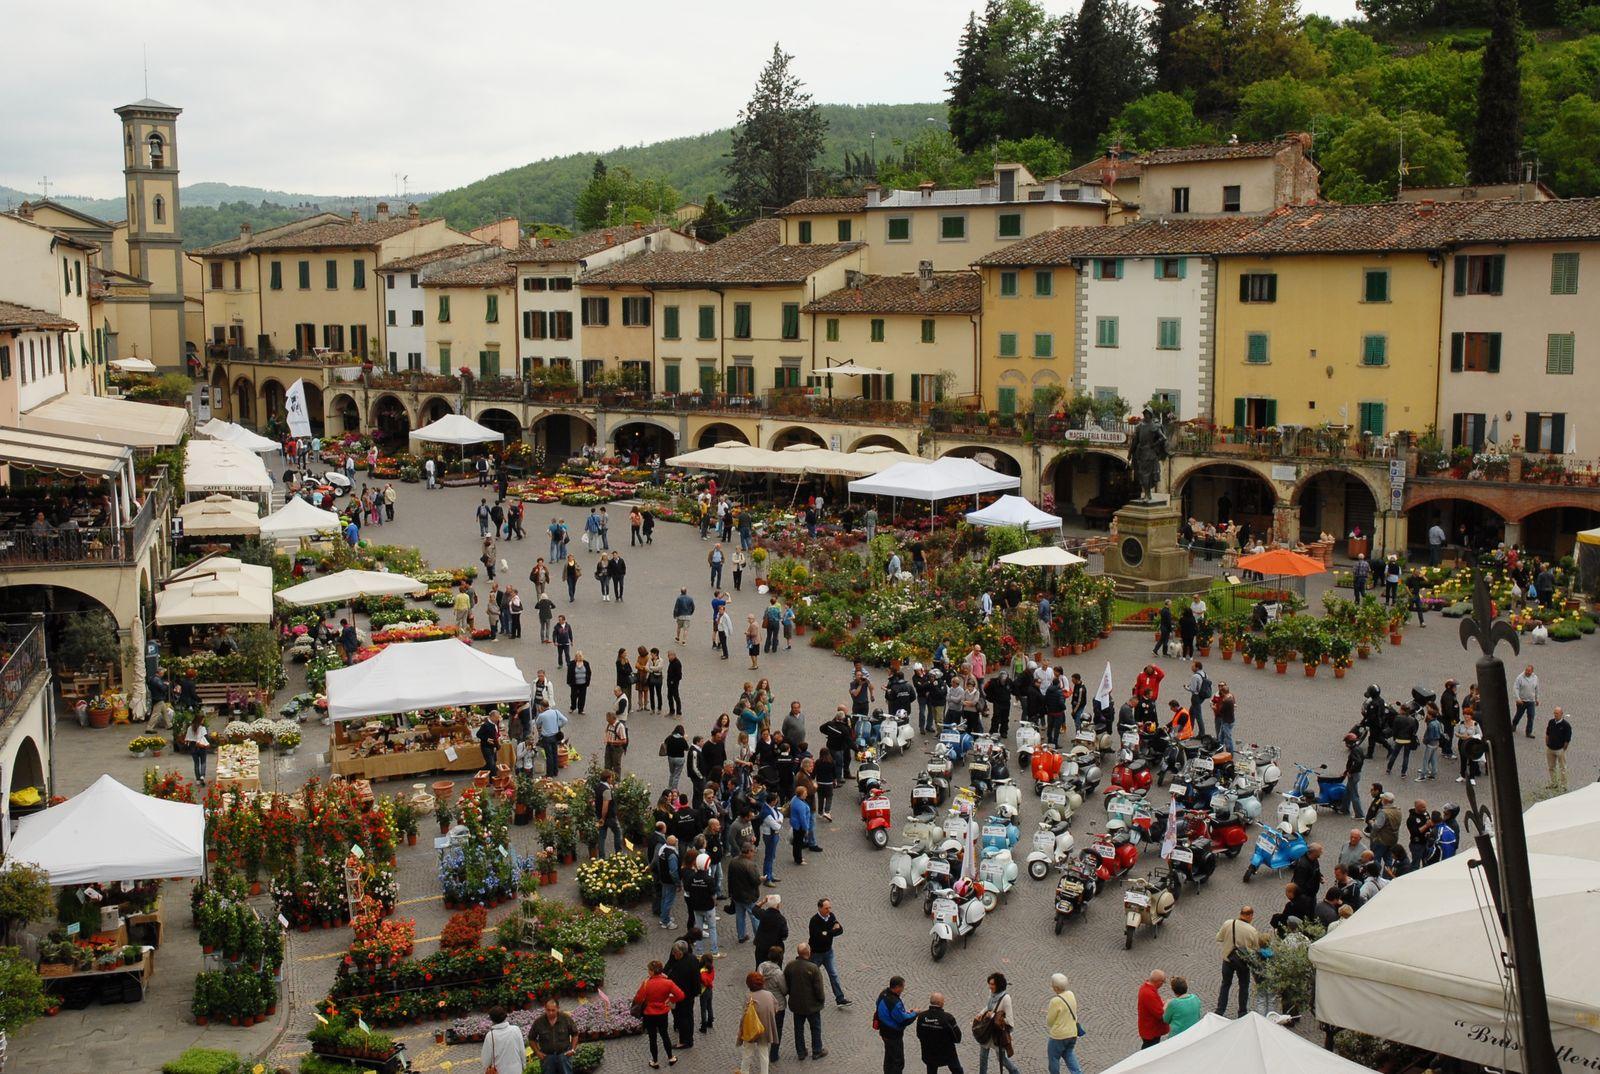 Greve in Chianti - Una nonna, una nipote e le gioie di una vita semplice - Toscana Ovunque Bella